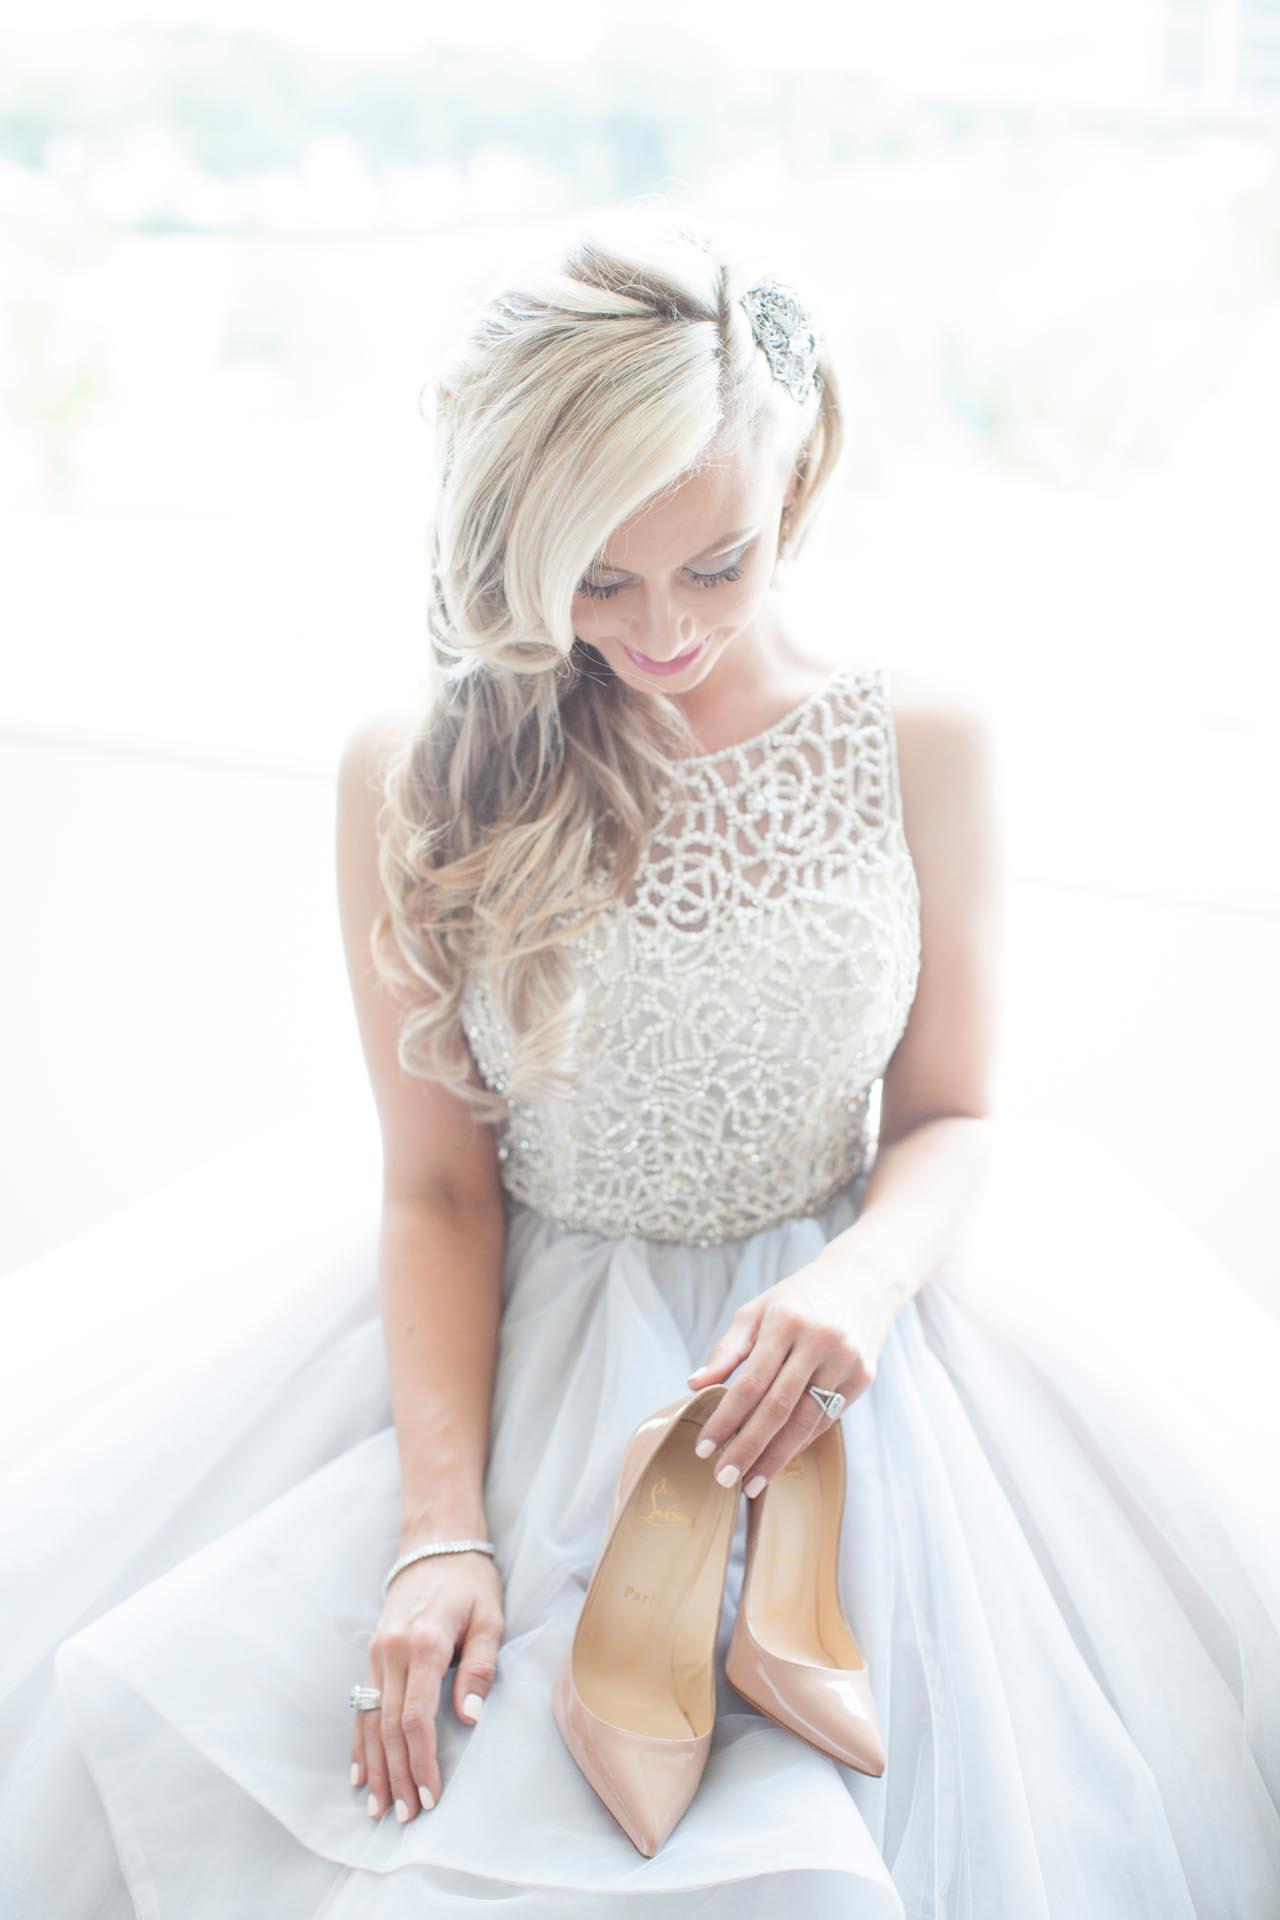 chicago-wedding-photographer-beautiful-images